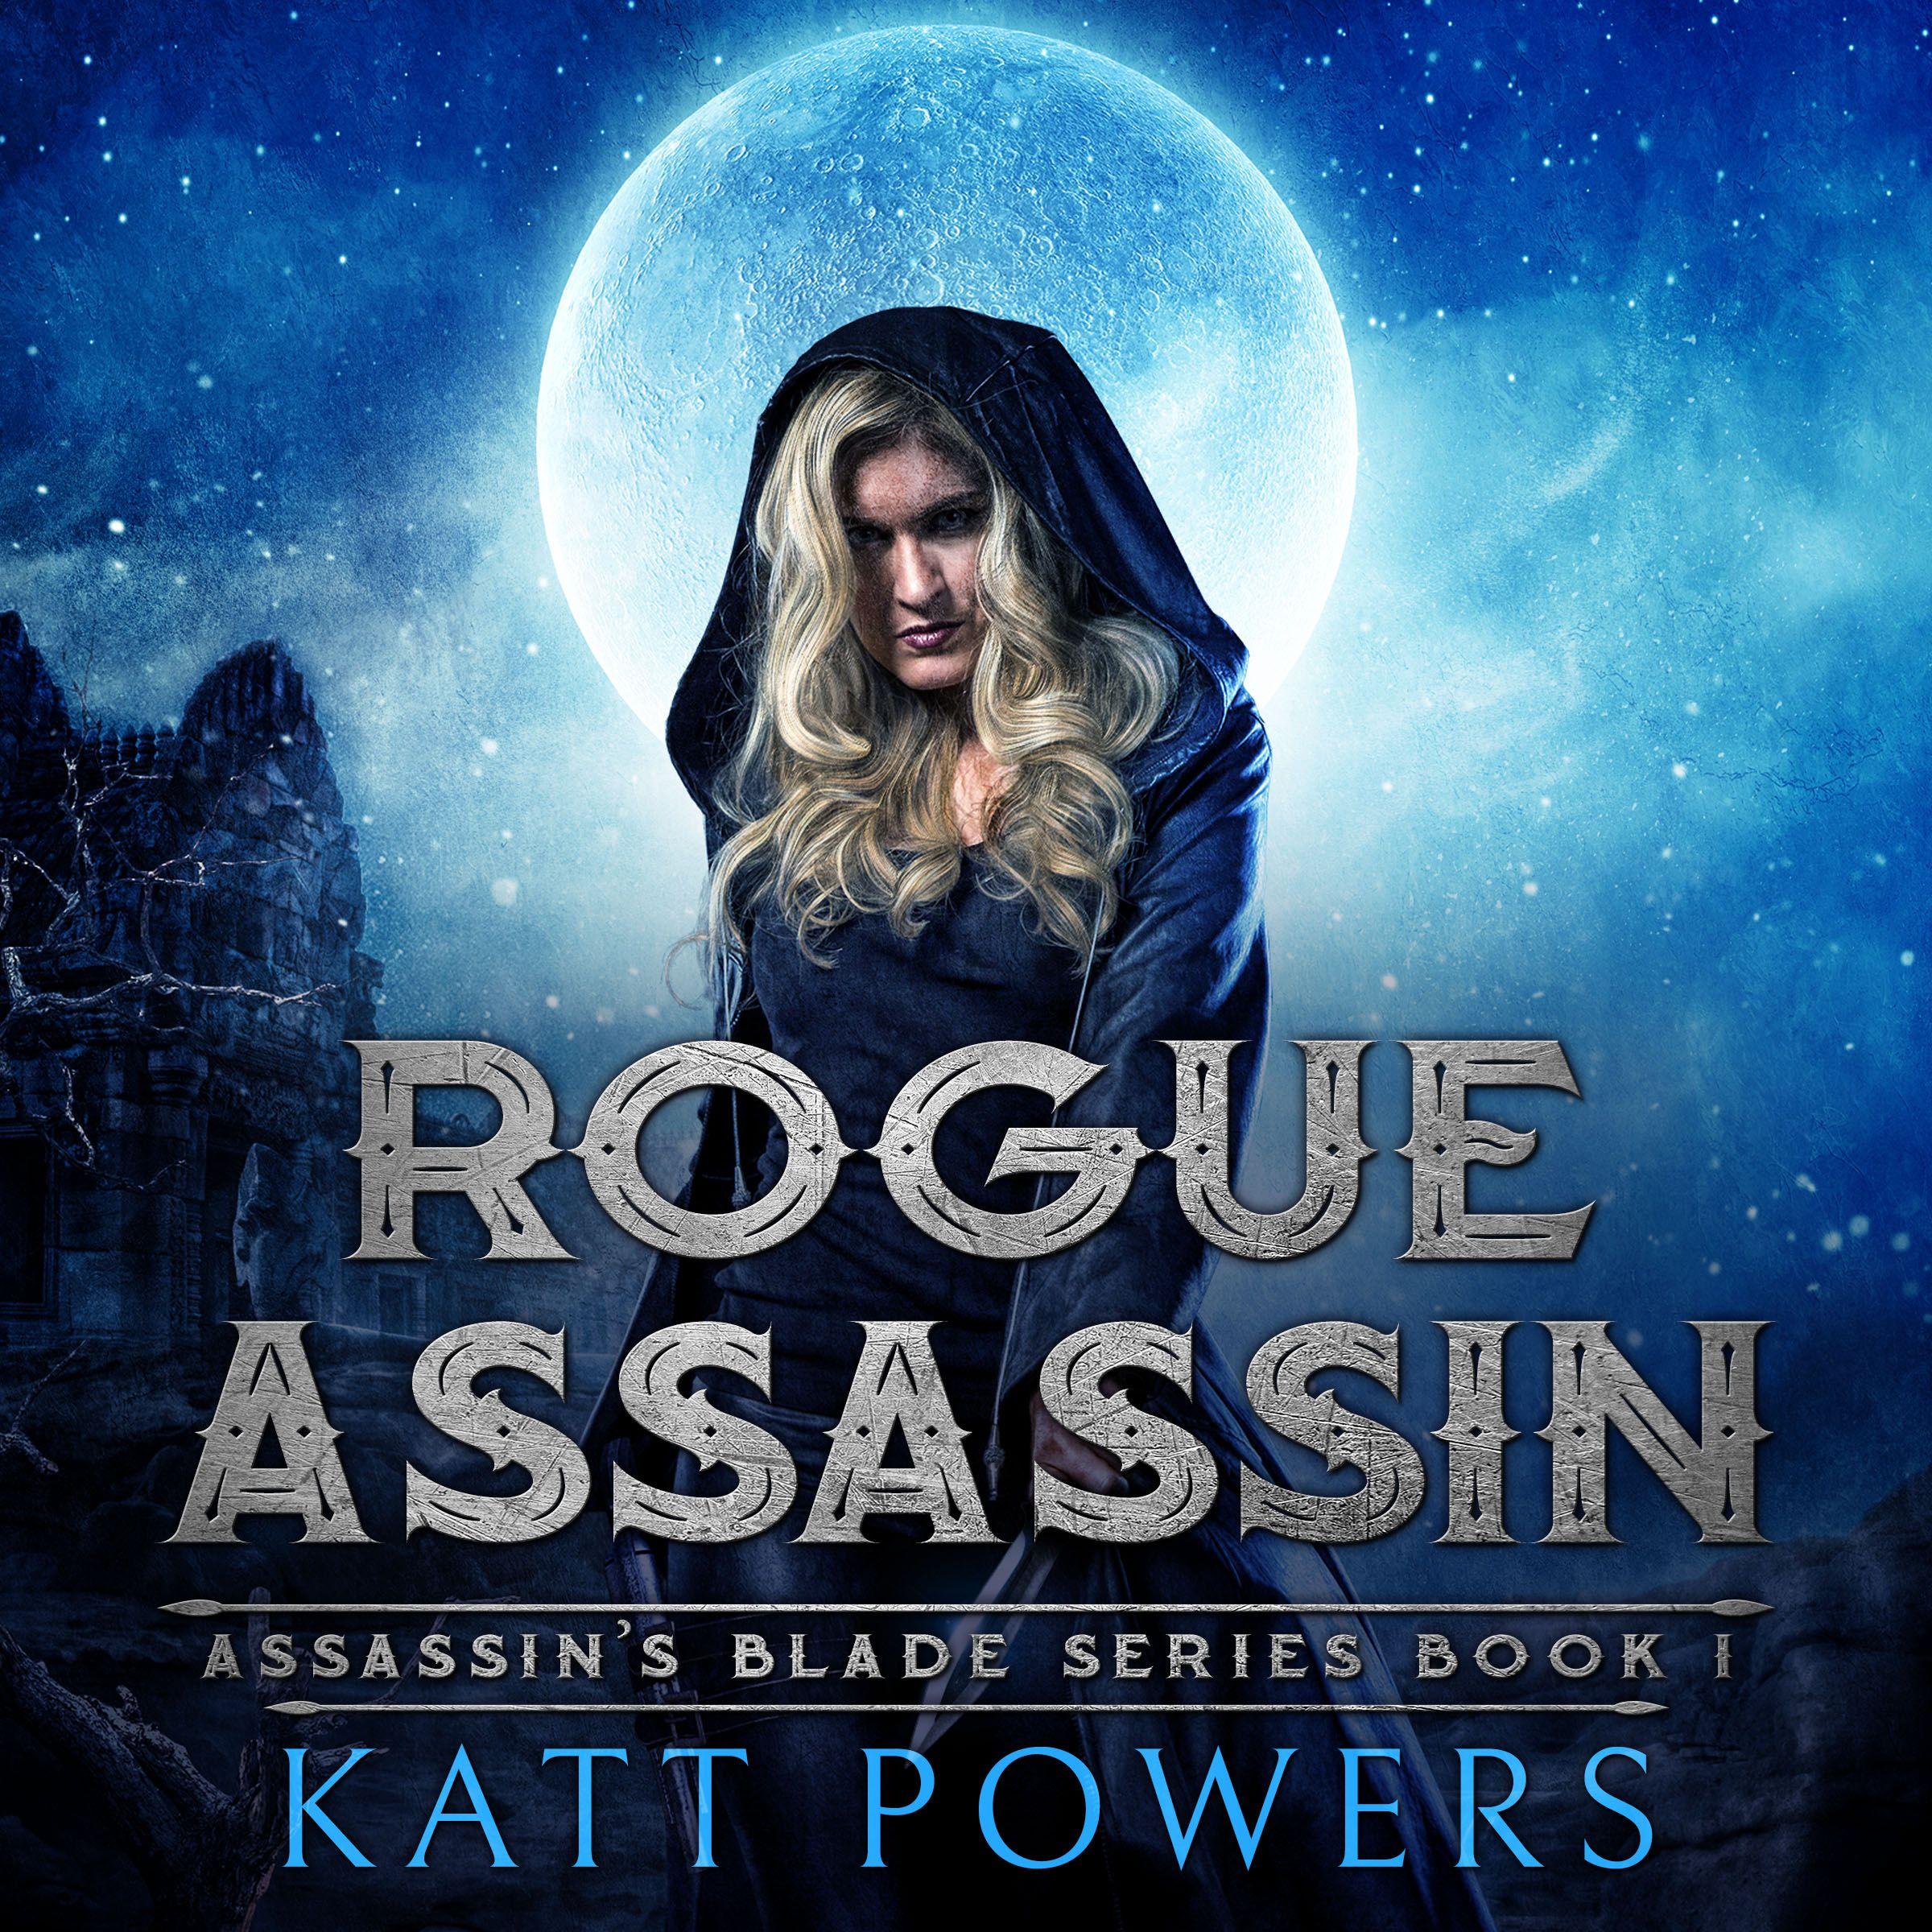 Pin by Katt Powers on Imperial Assassin Rogue assassin